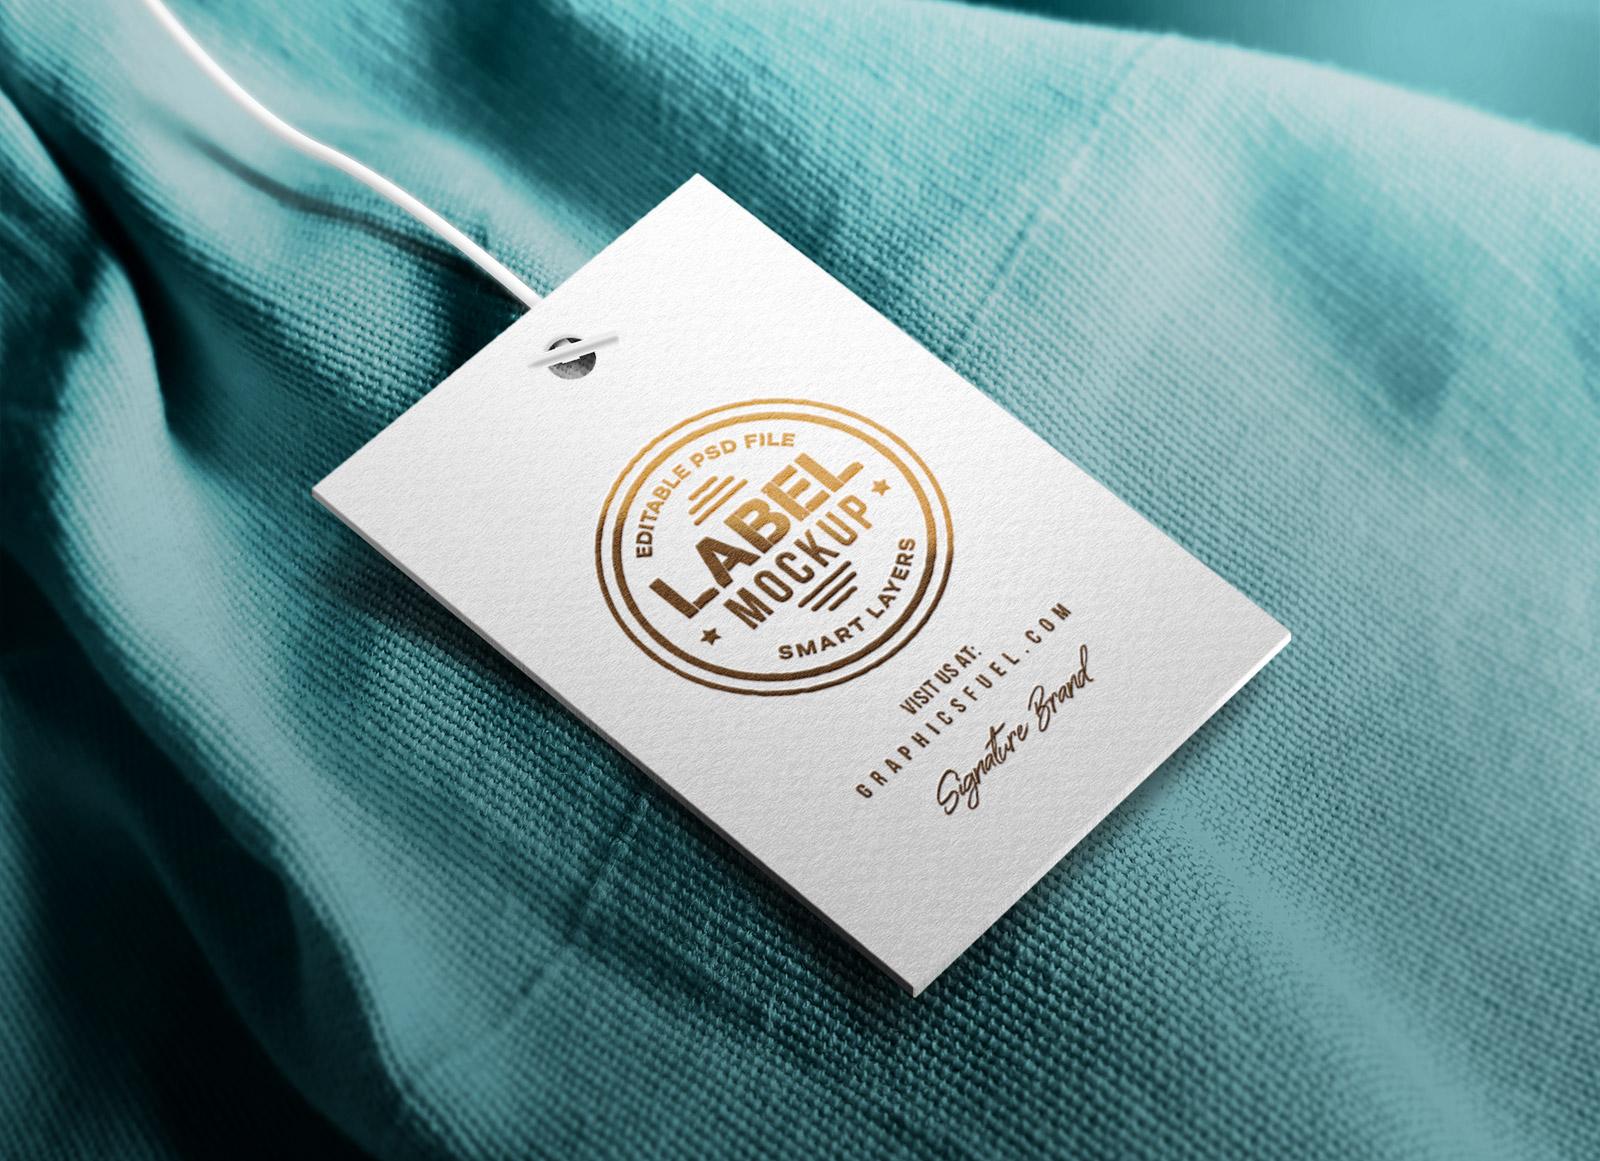 Free-Clothing-Hang-Tag-Mockup-PSD-2